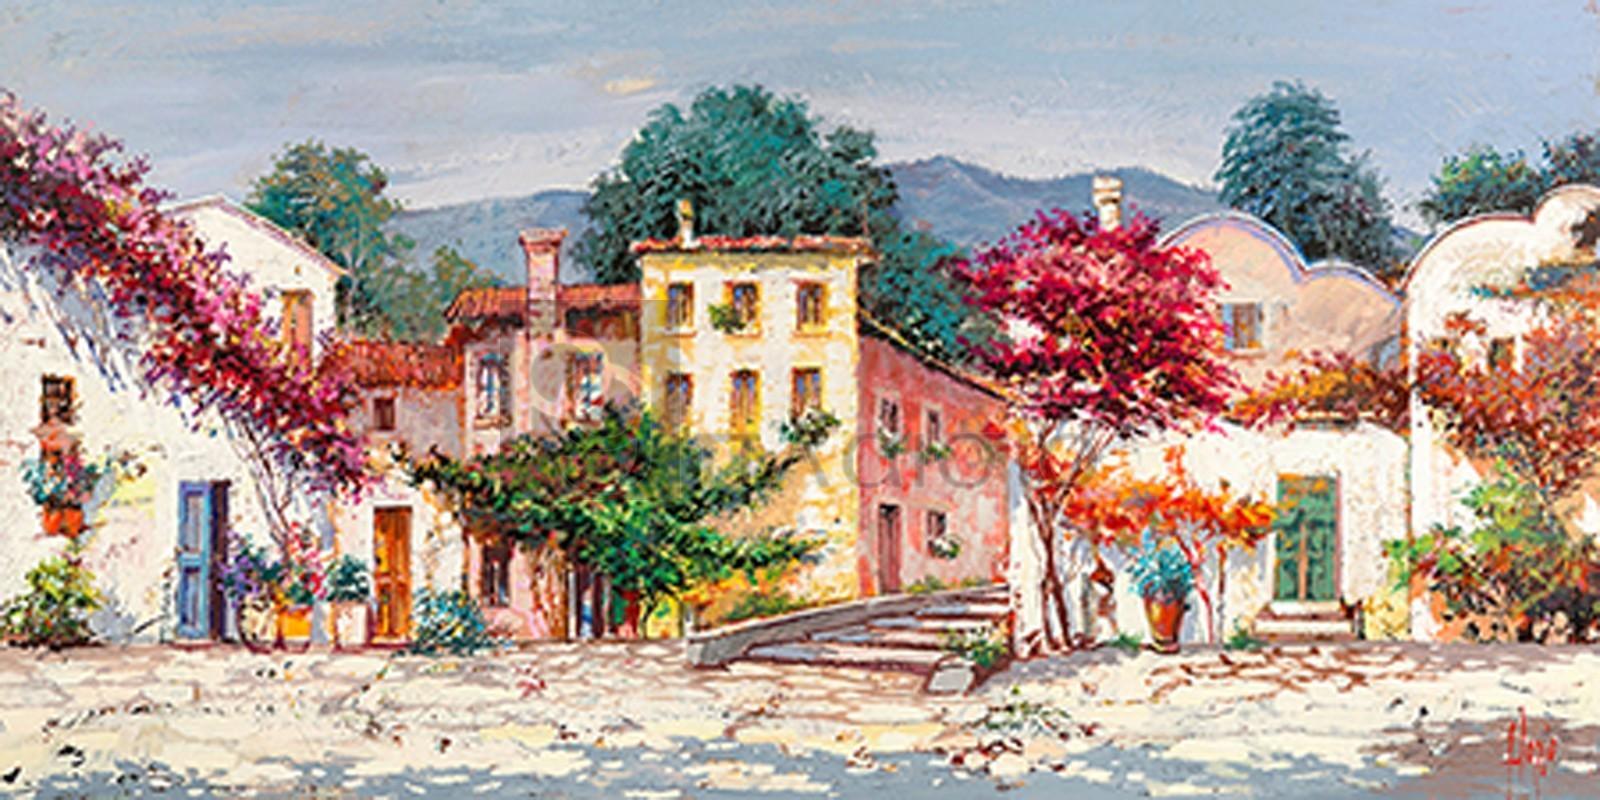 Luigi Florio - Paese mediterraneo